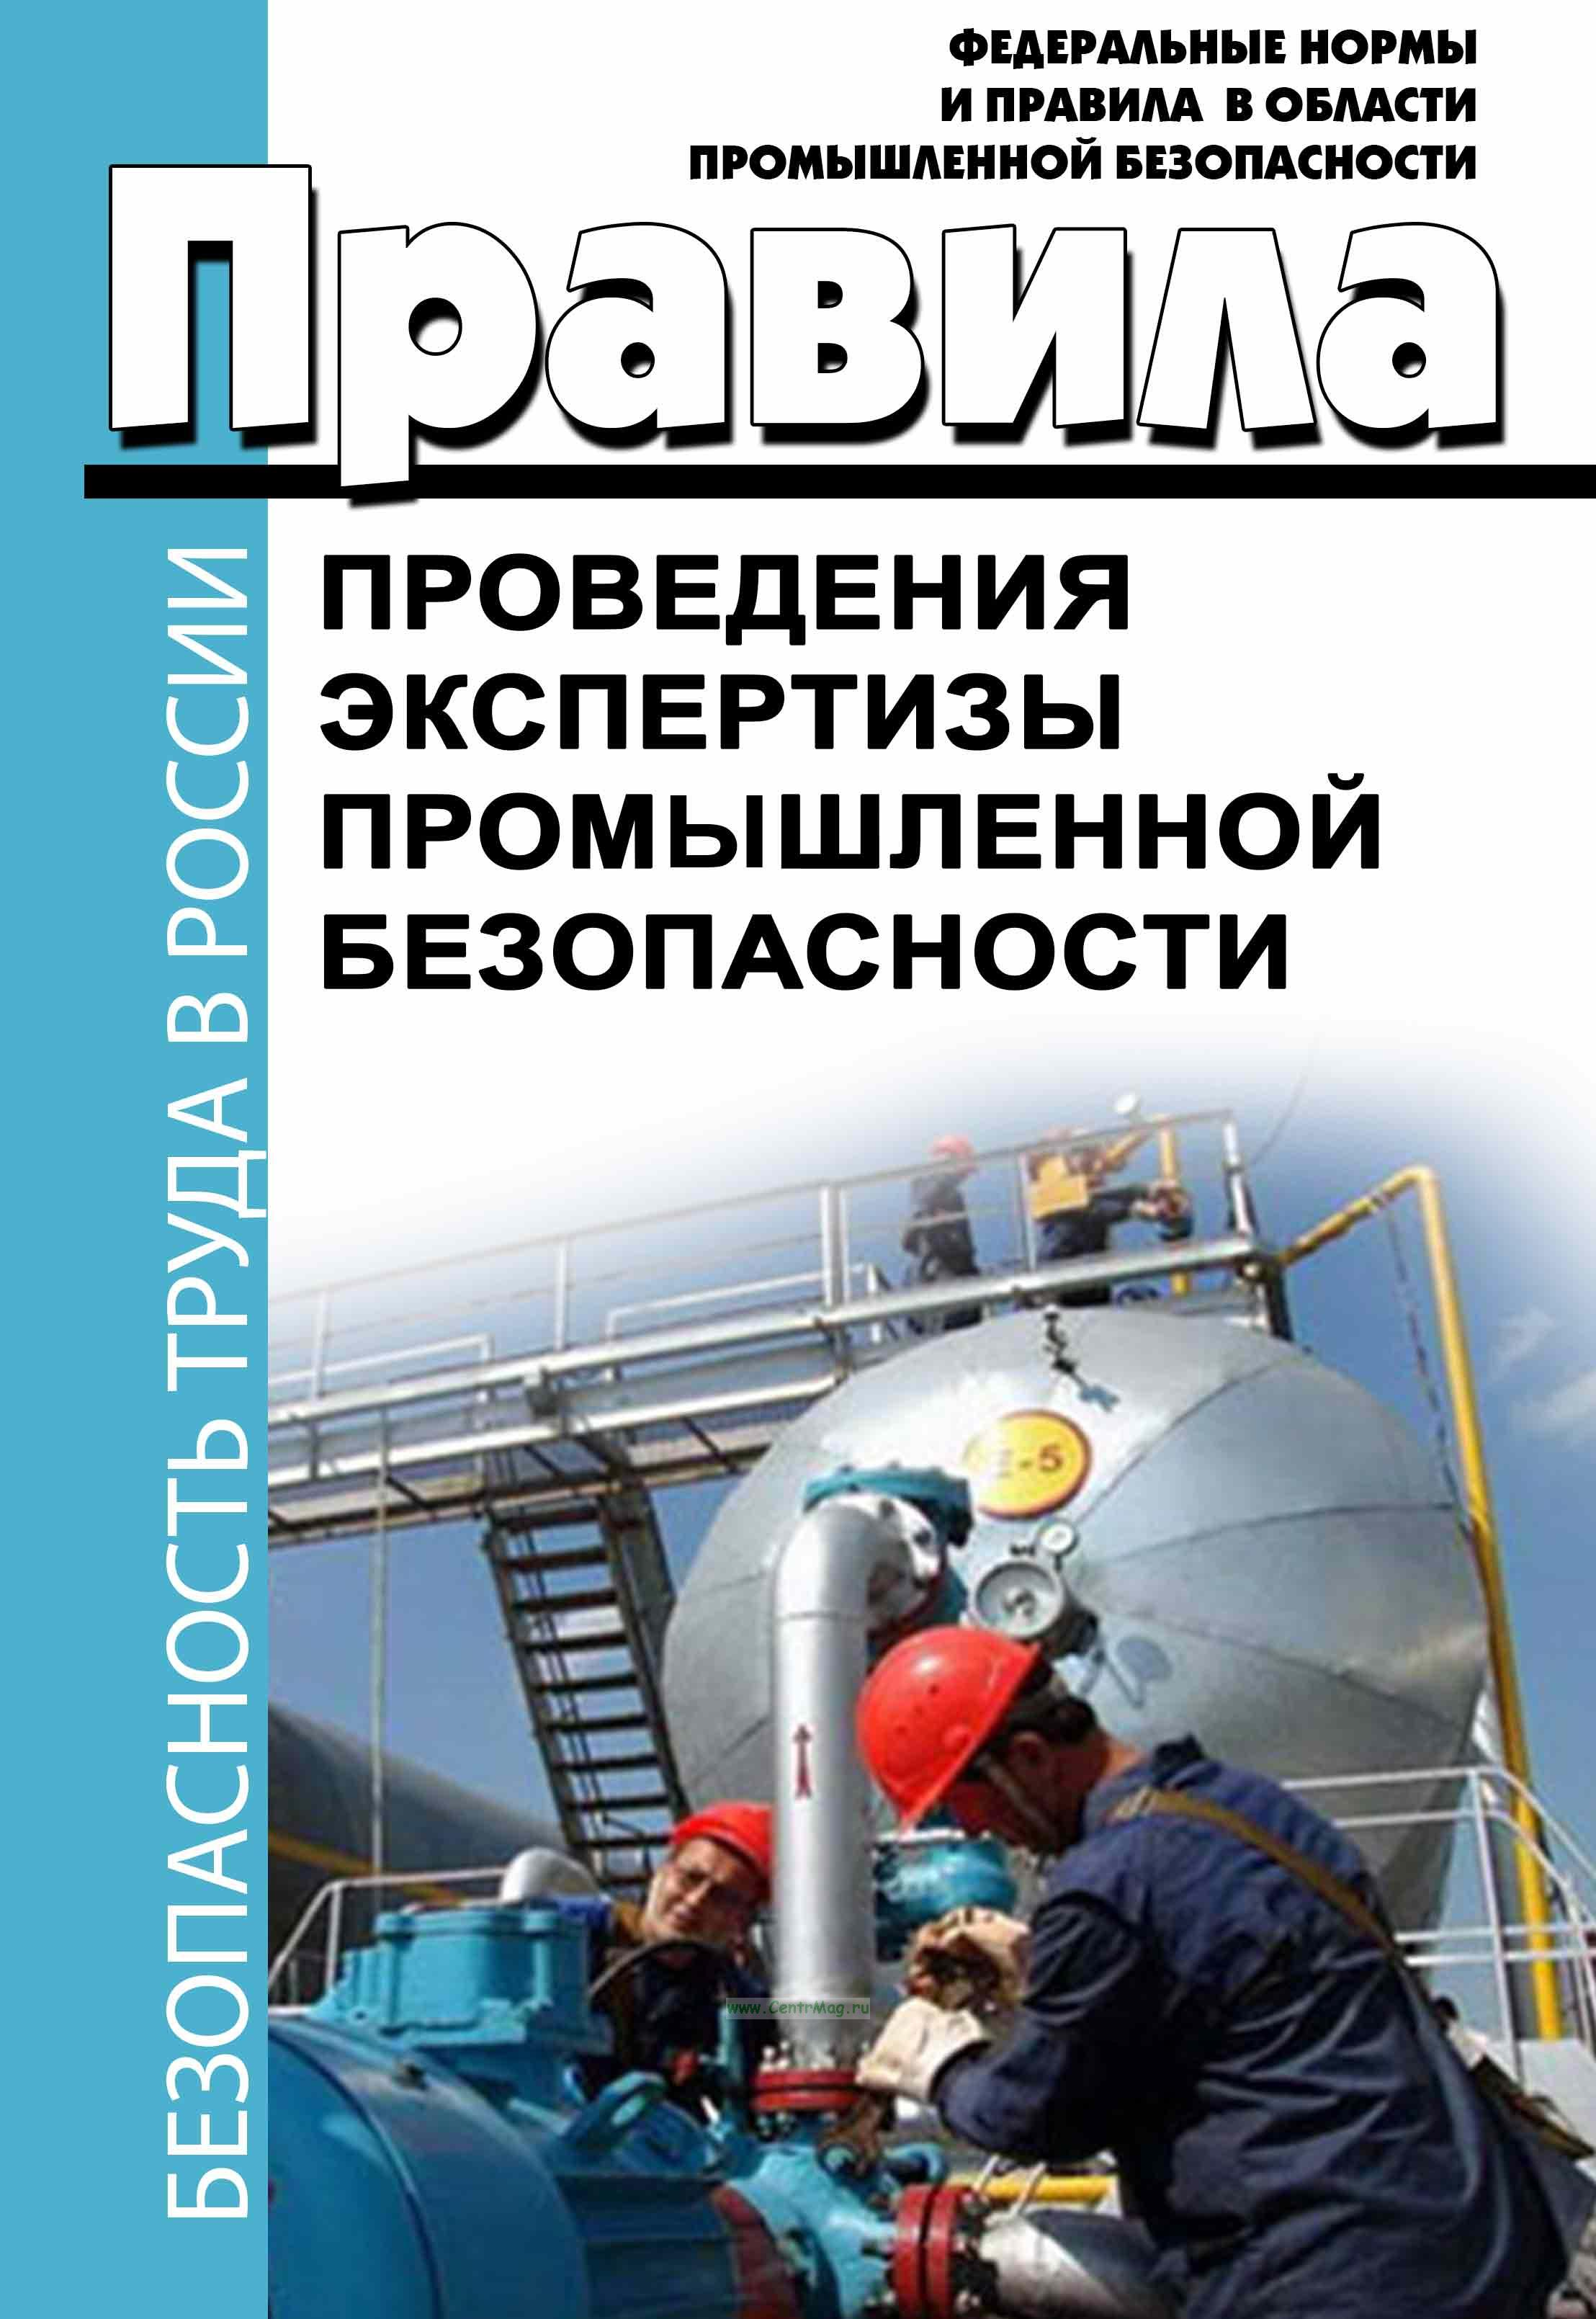 Федеральные нормы и правила в области промышленной безопасности